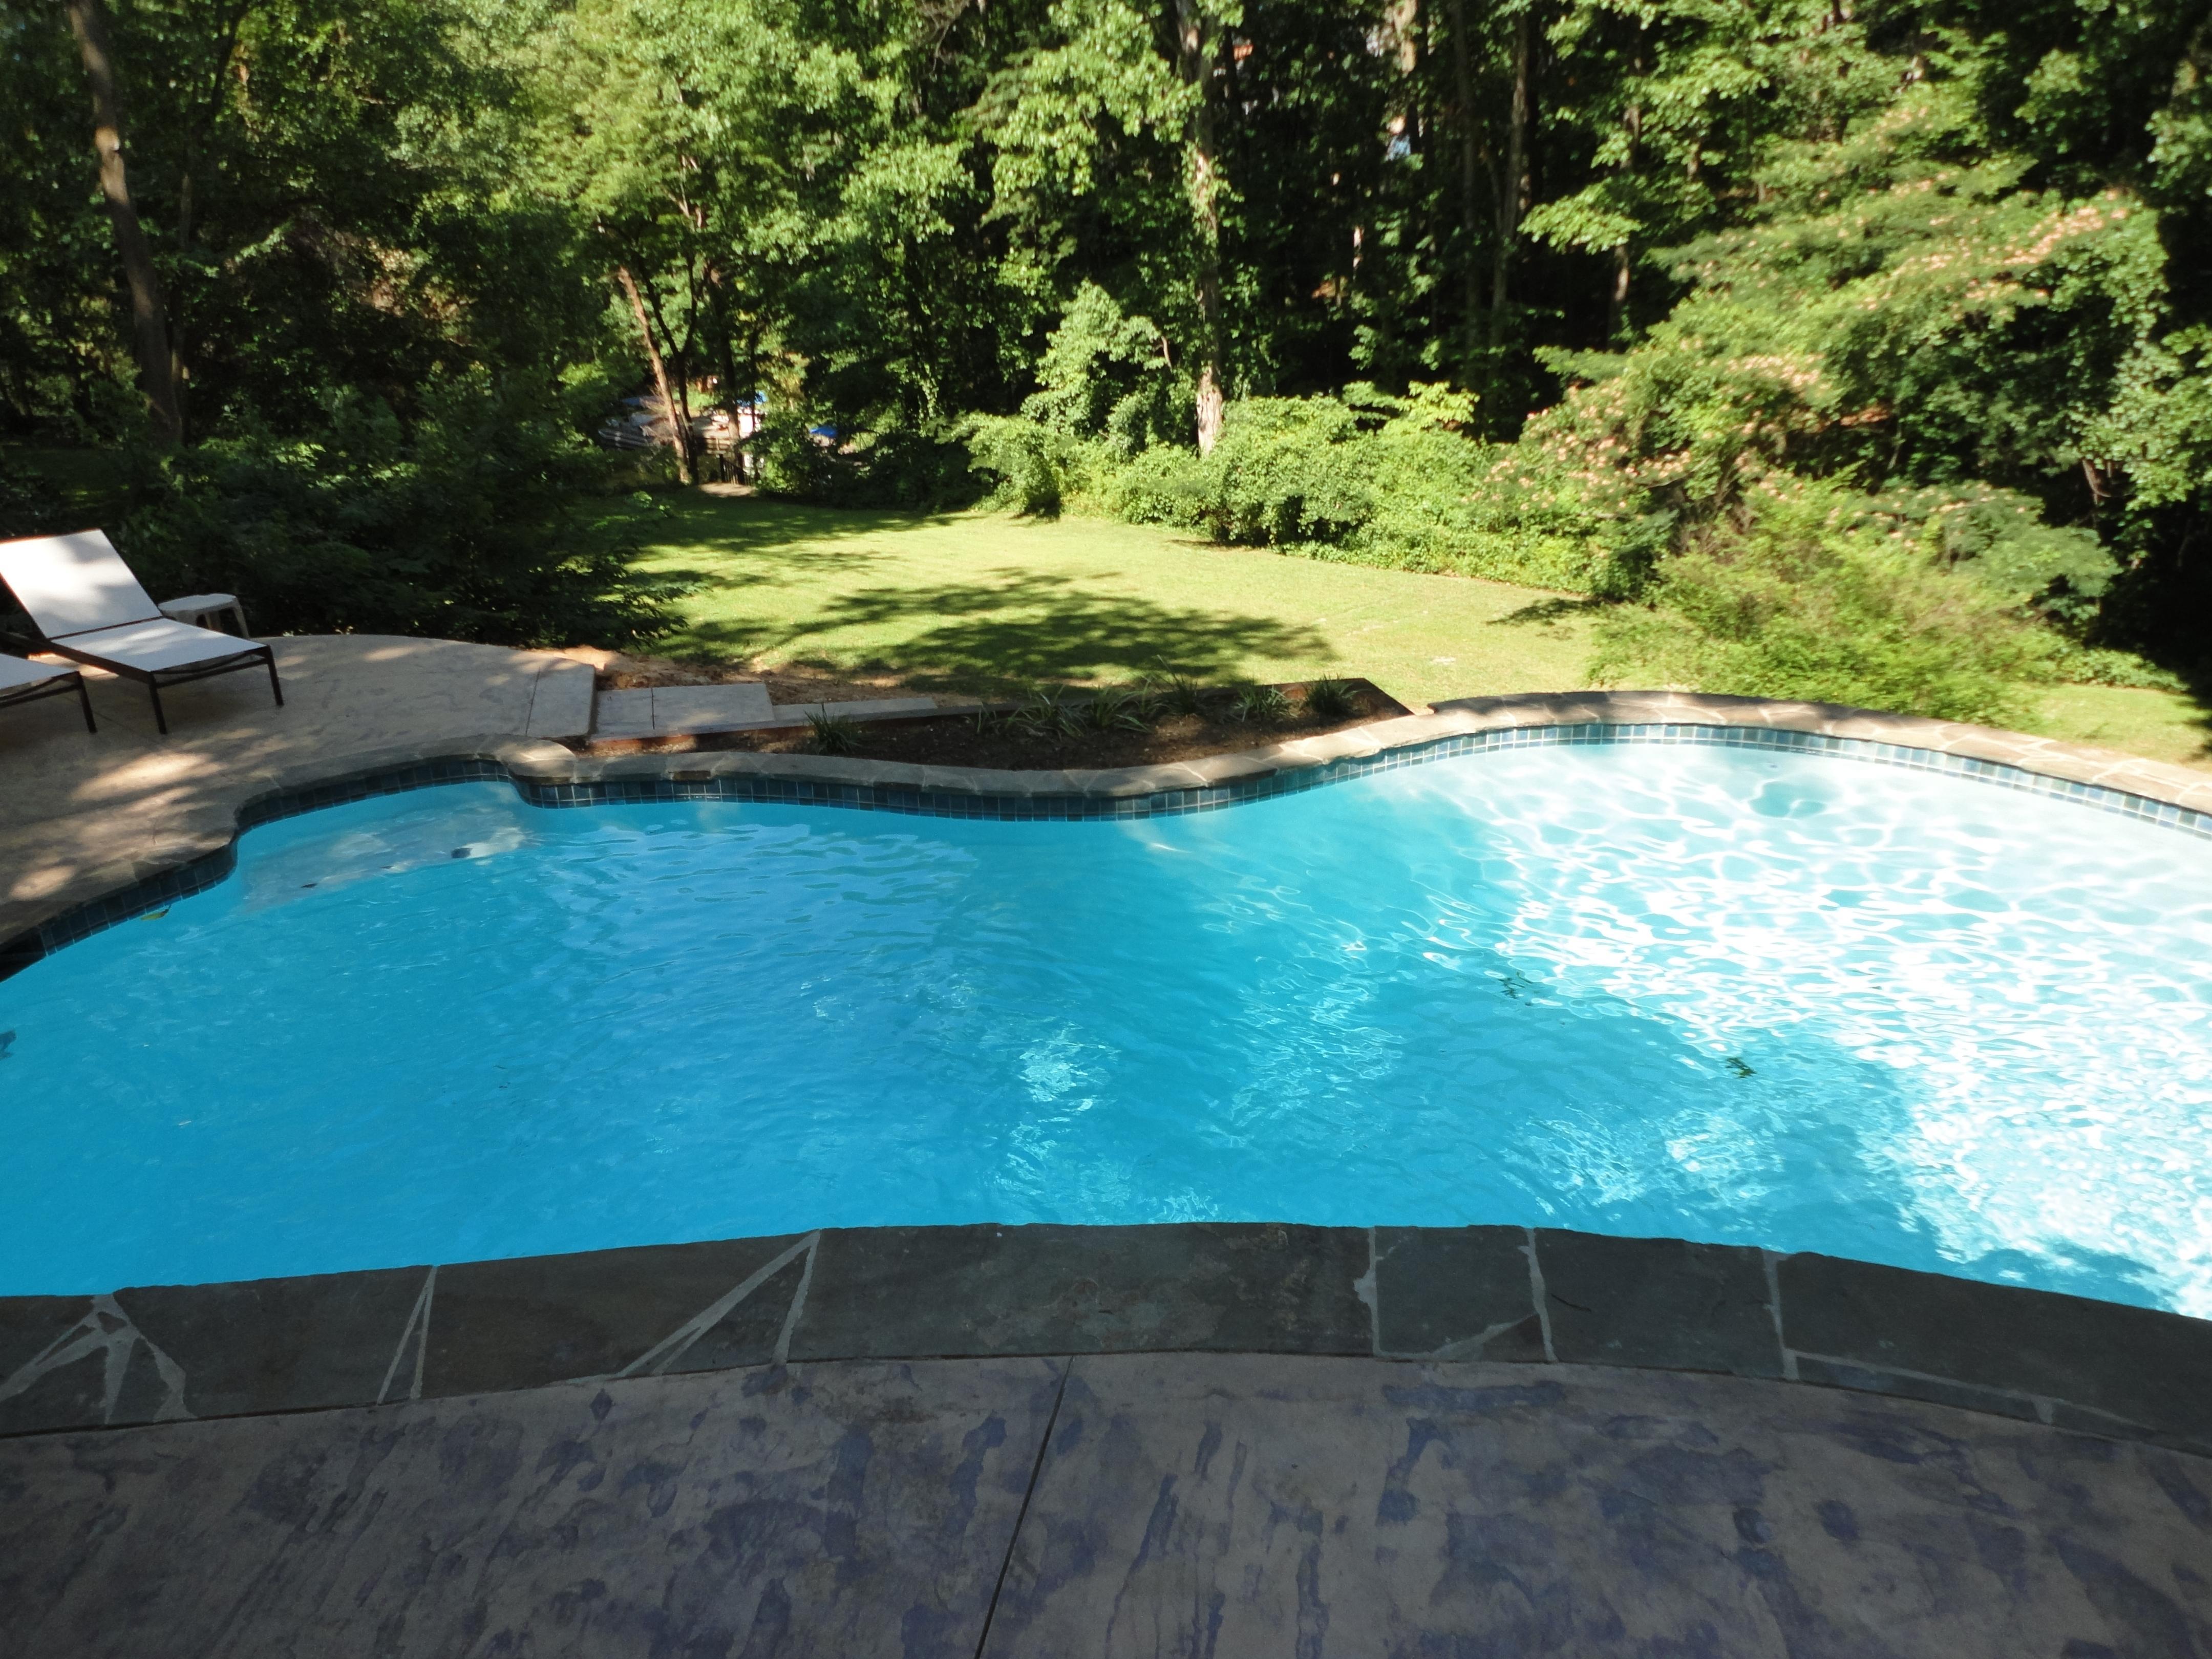 Sunrise Premier Pools Of Va Inc In Fairfax Va 22031